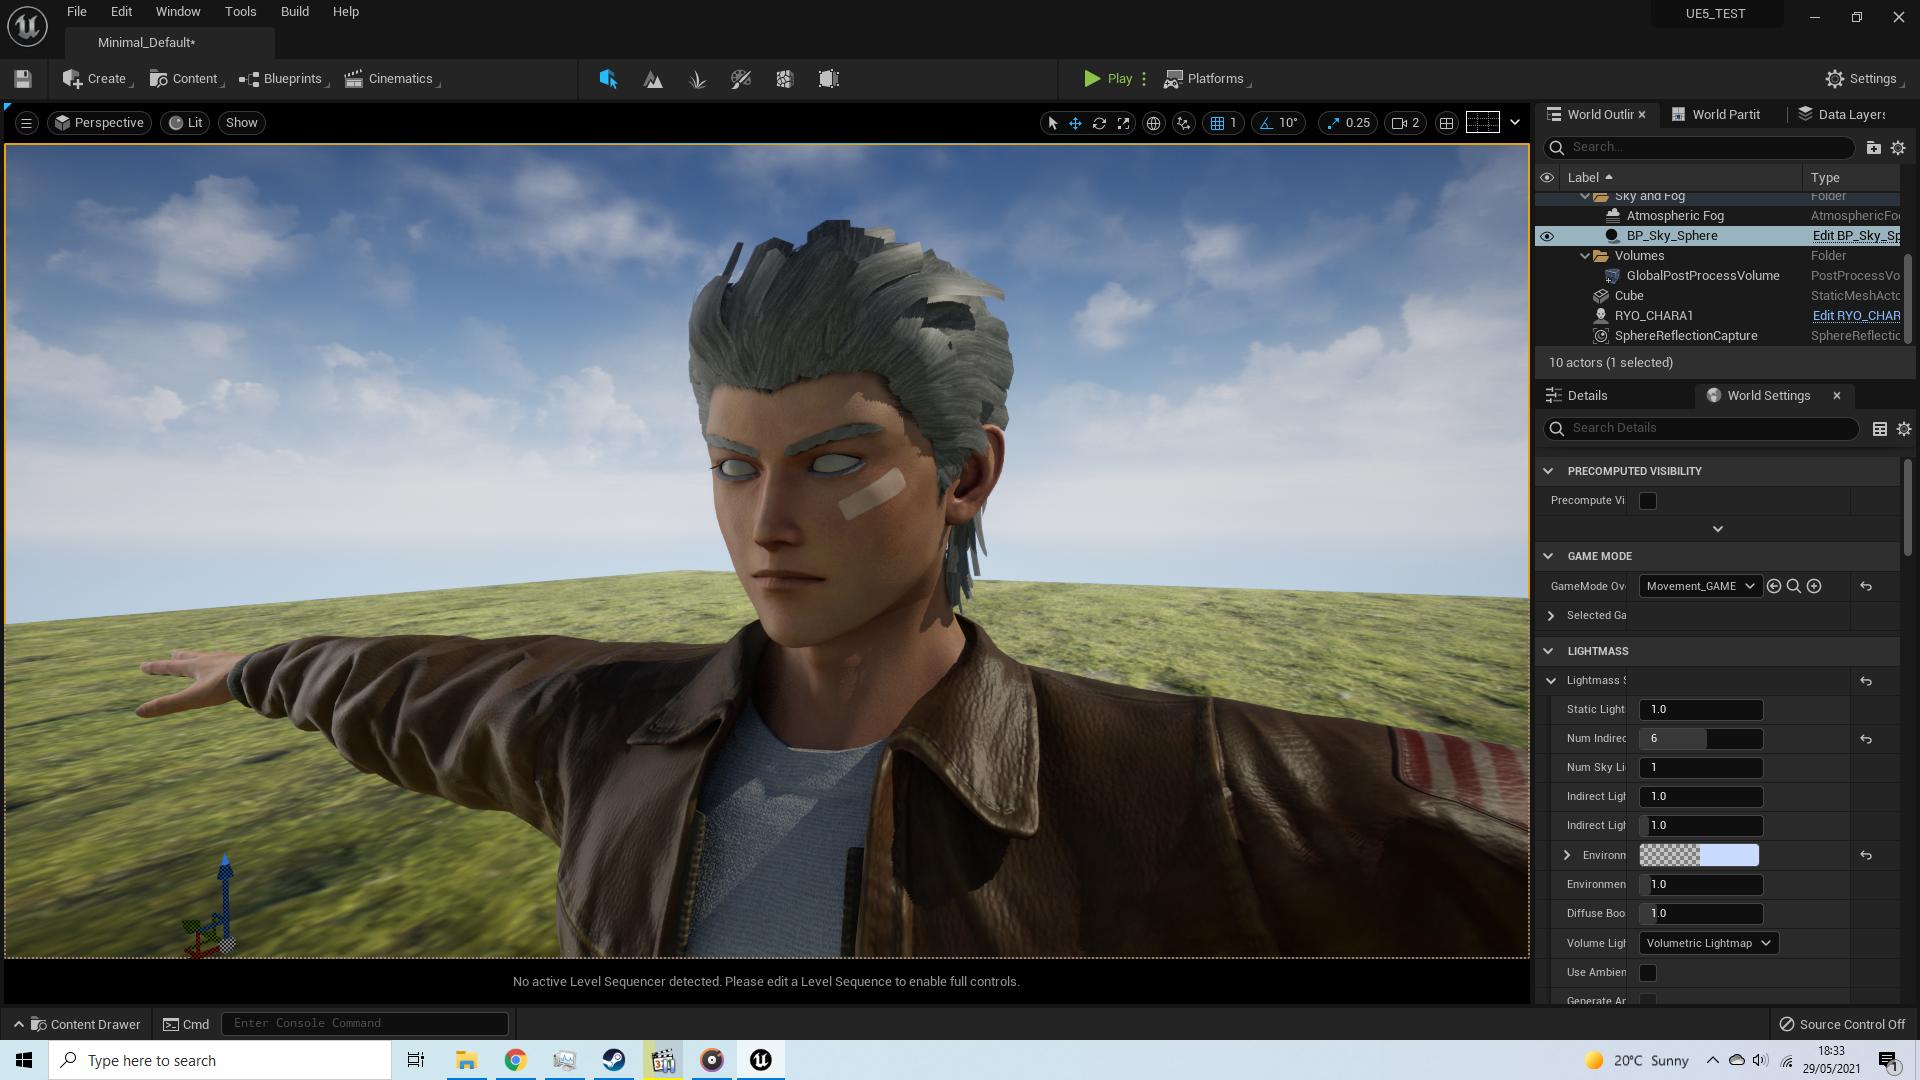 desktopscreenshot20211wkmd.png